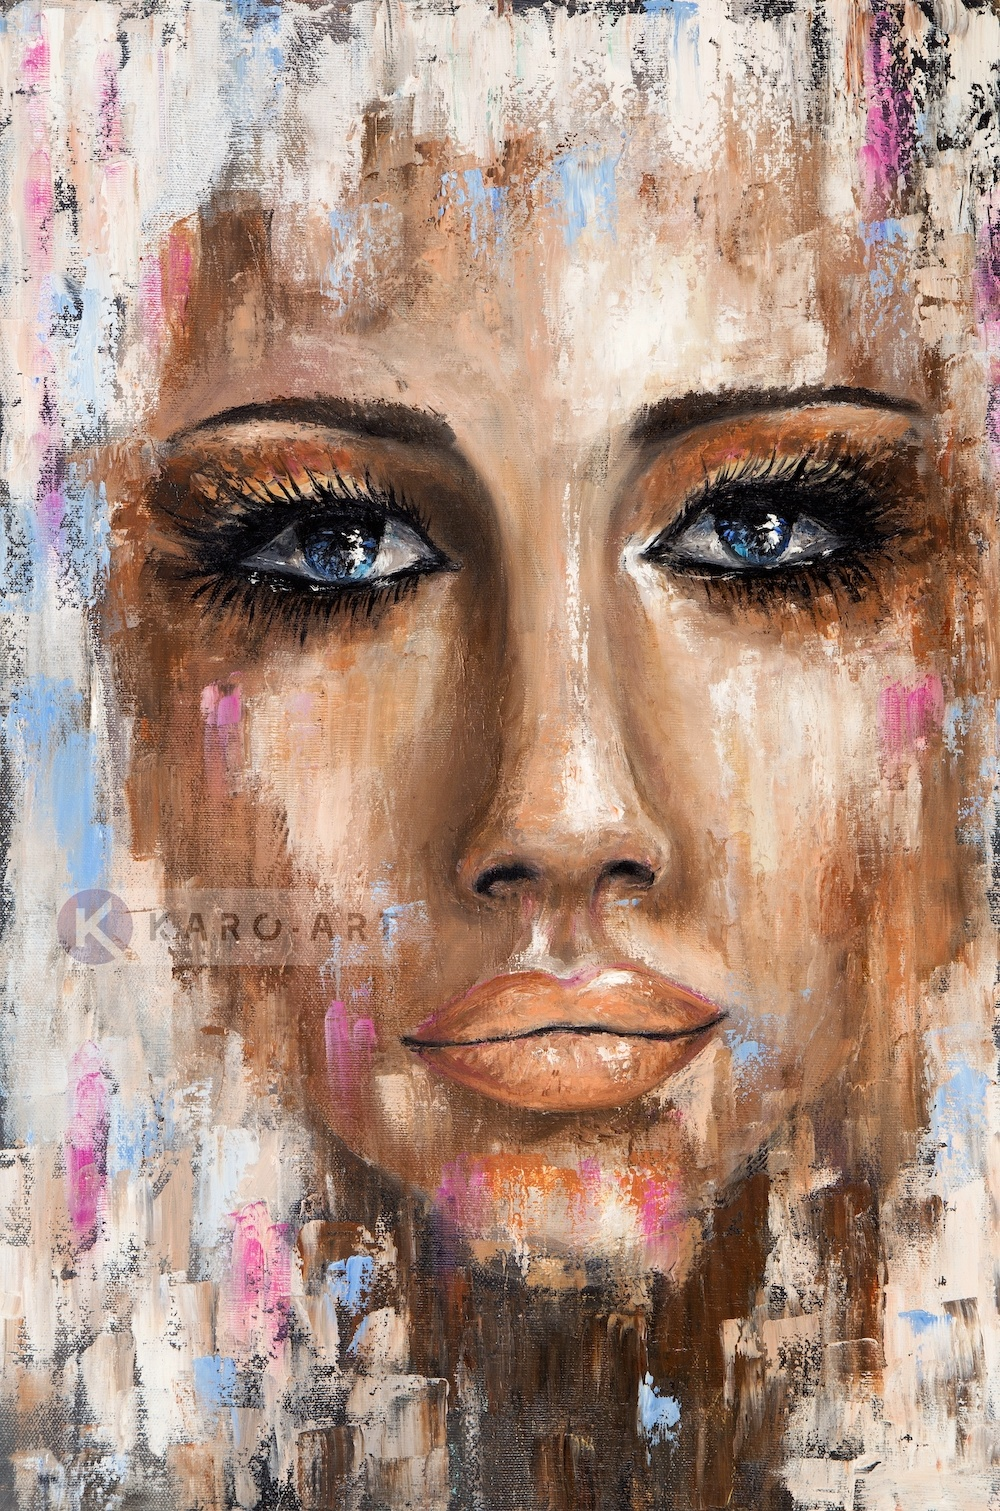 Afbeelding op acrylglas - Abstracte vrouw II, print op acrylglas